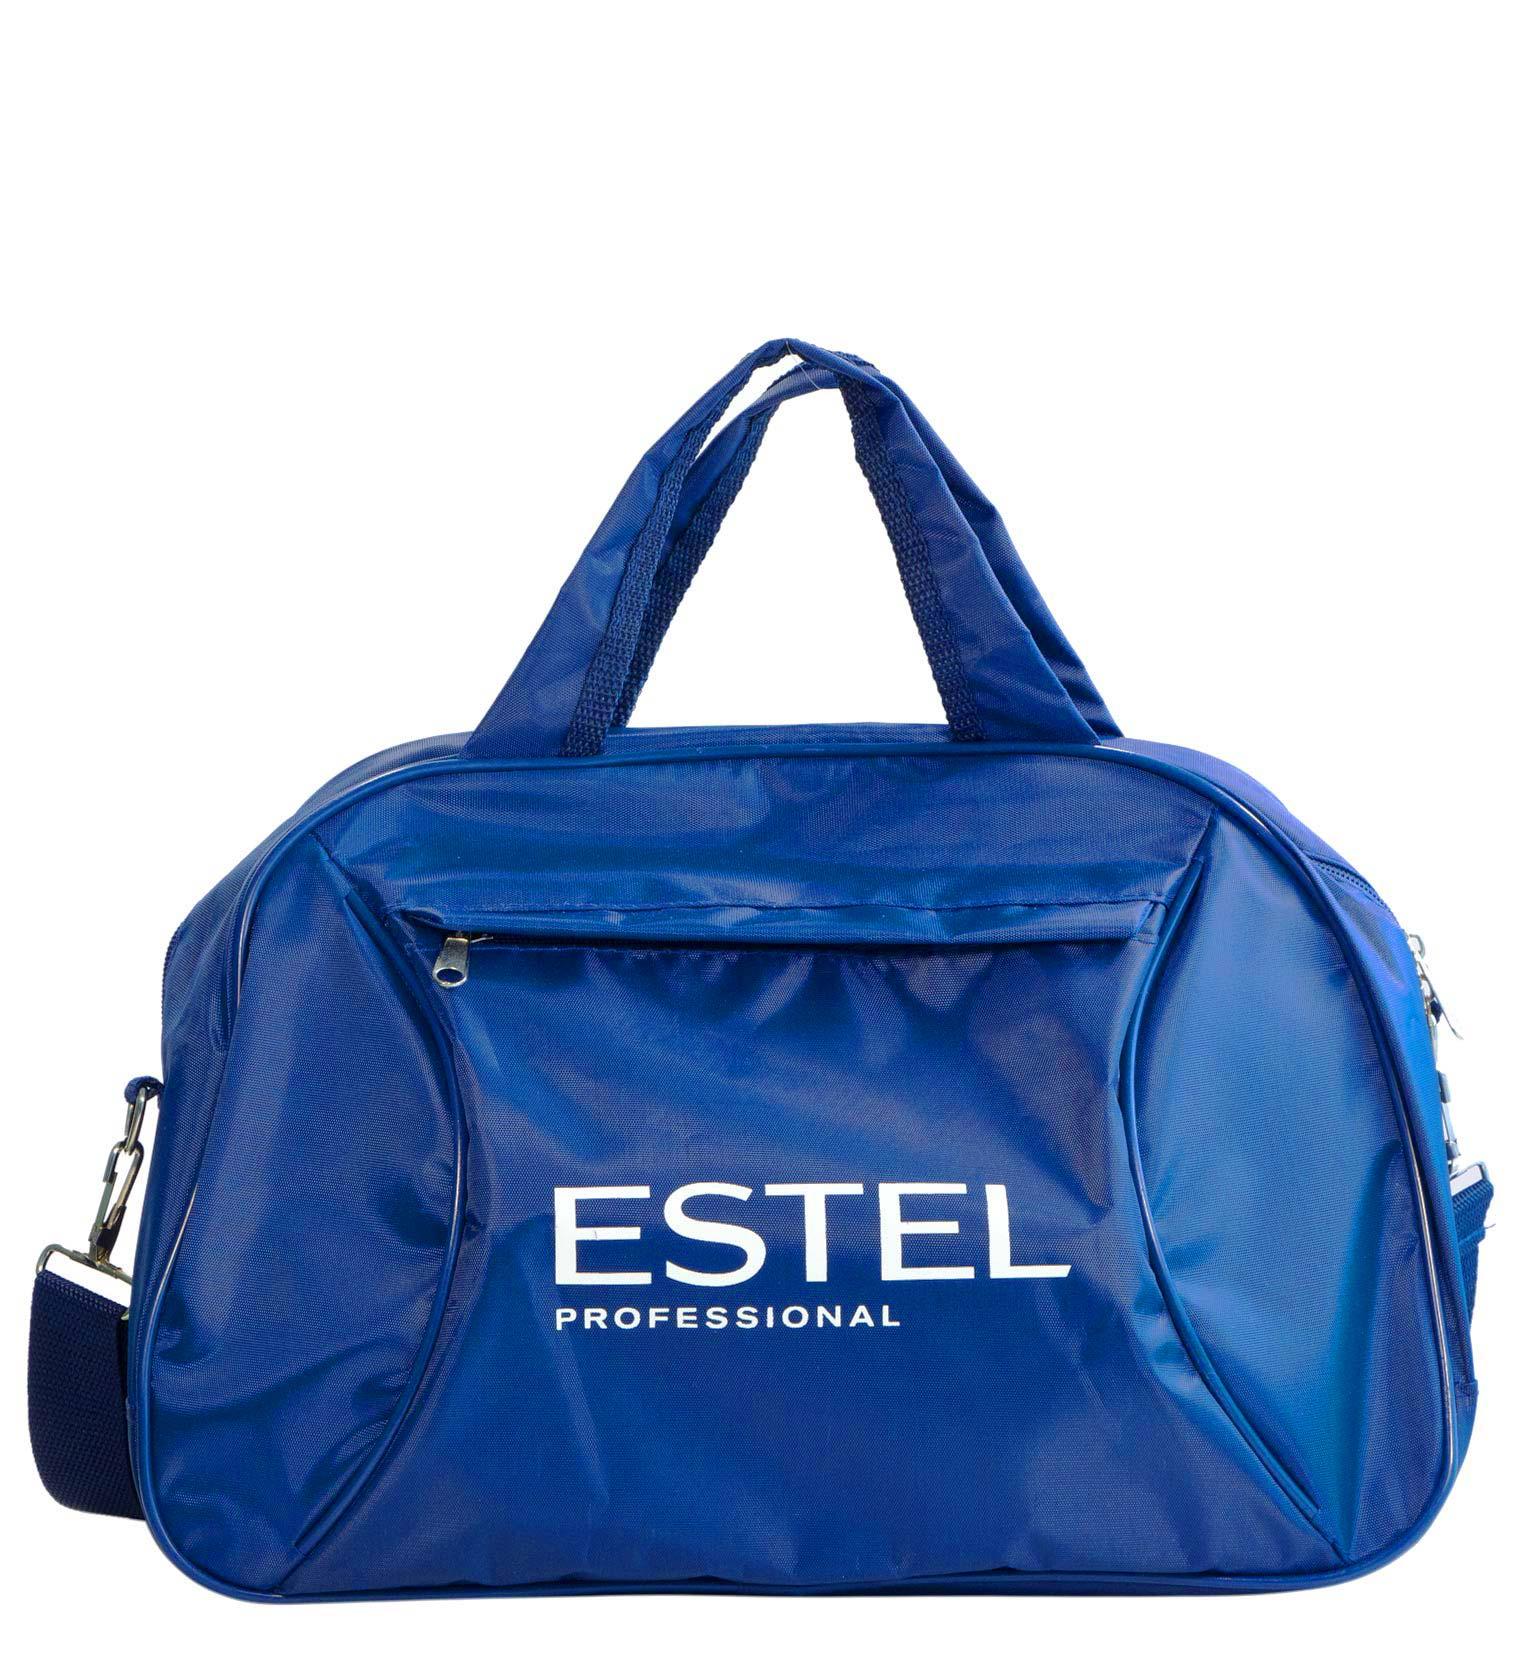 Саквояж парикмахерский с логотипом ESTEL Professional